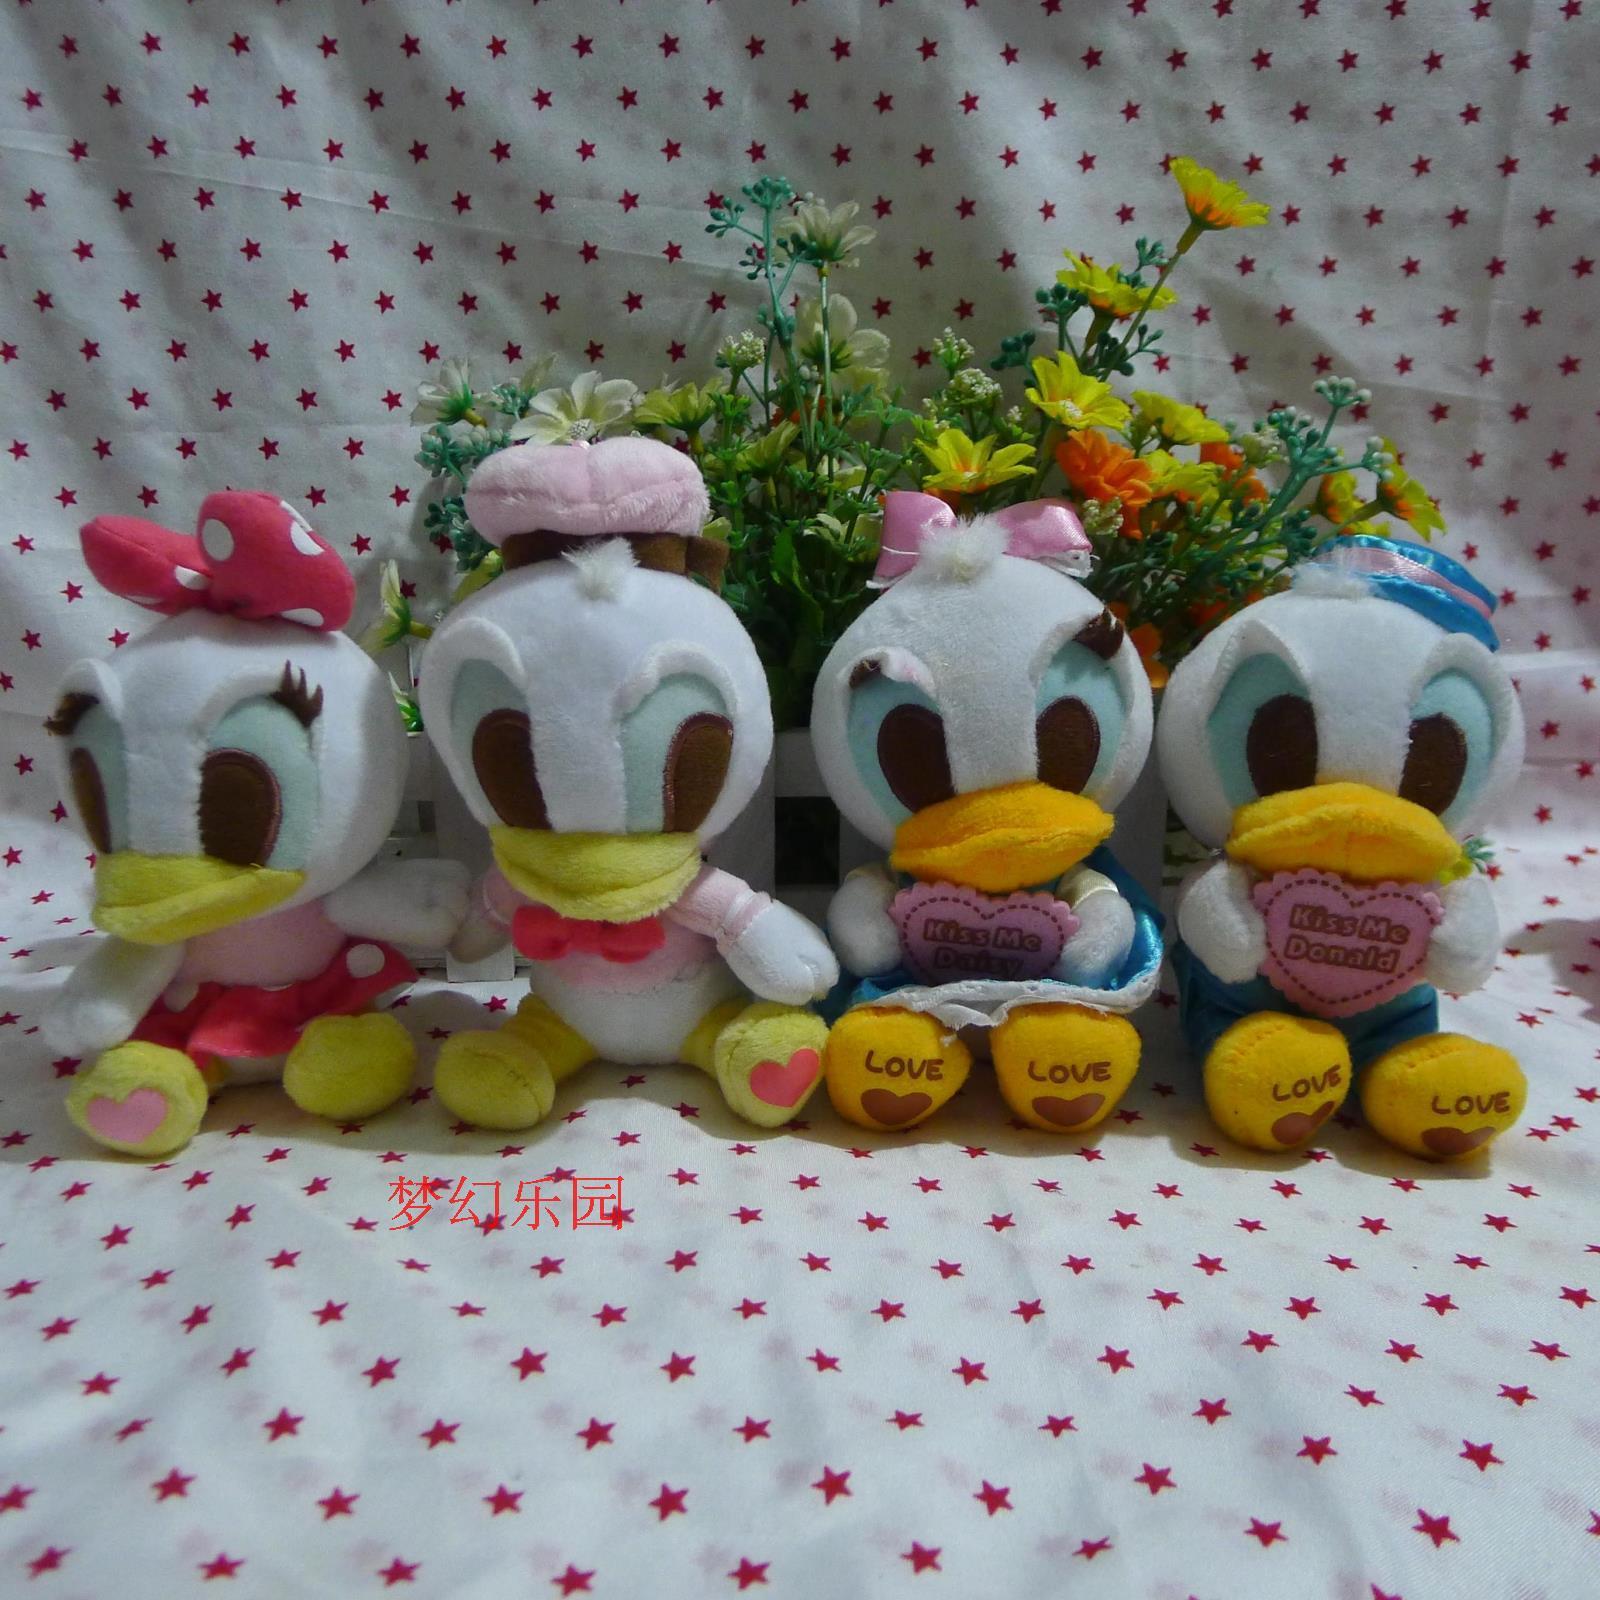 Оригинальные внешней торговли dandishinizhi Дональд Дак, Микки Маус, Дональд и Дейзи DonaldDaisy день Святого Валентина подарки